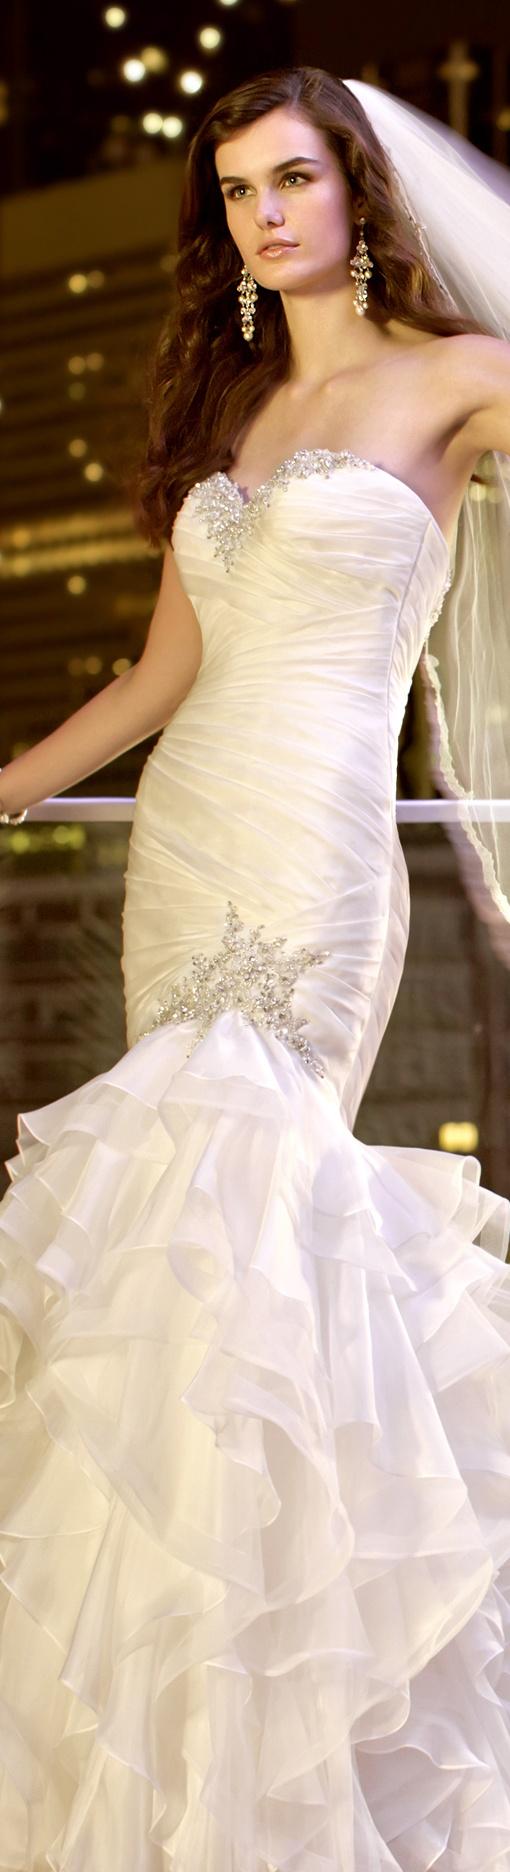 139 besten vestidos de novia Bilder auf Pinterest | Kleid hochzeit ...